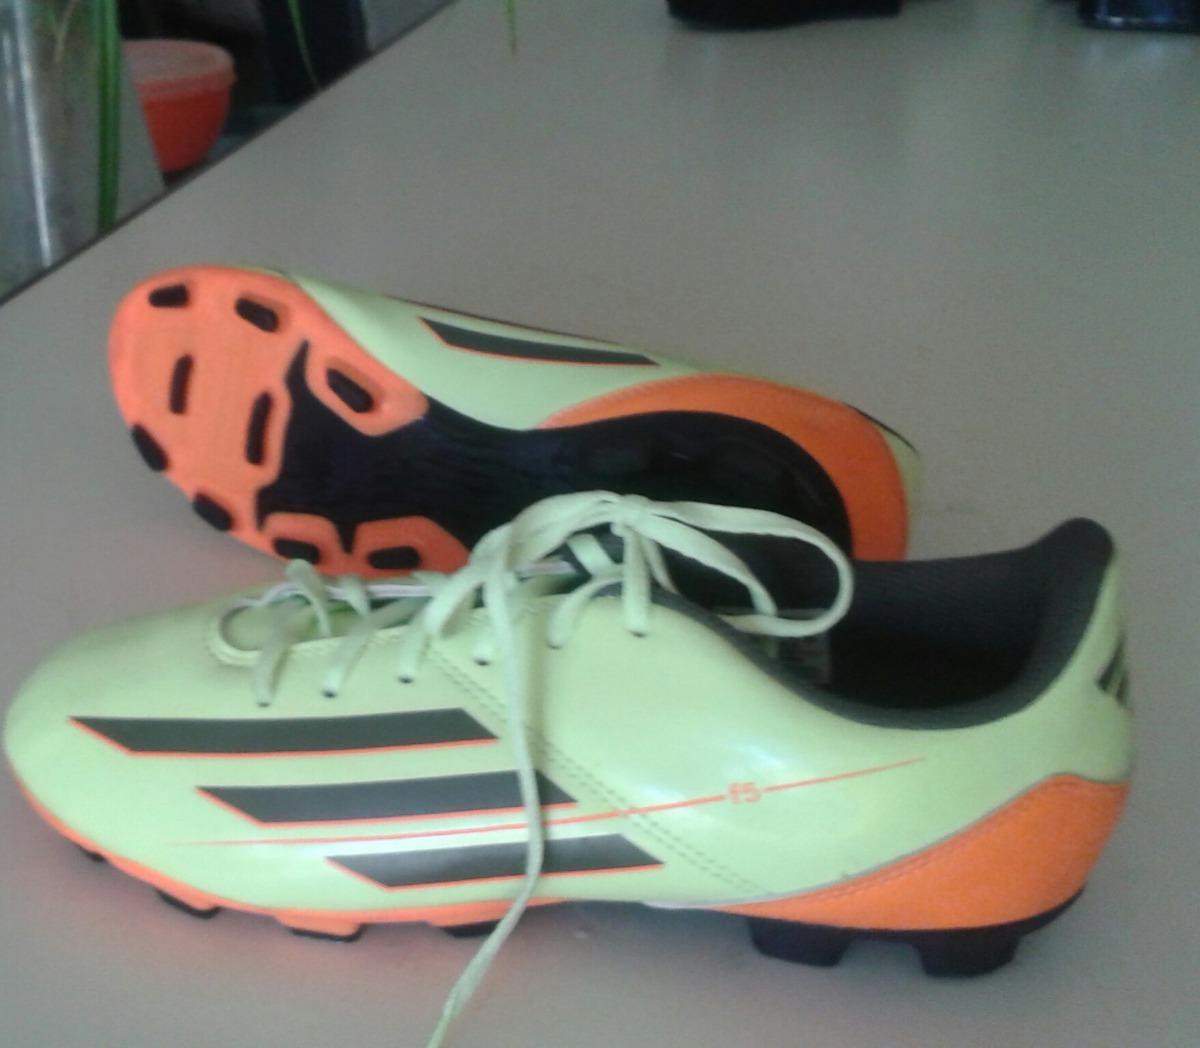 40 Libre Adidas Zapatos Para Tacos Mercado Futbol Bs 000 De En 00 dgdxfYwP